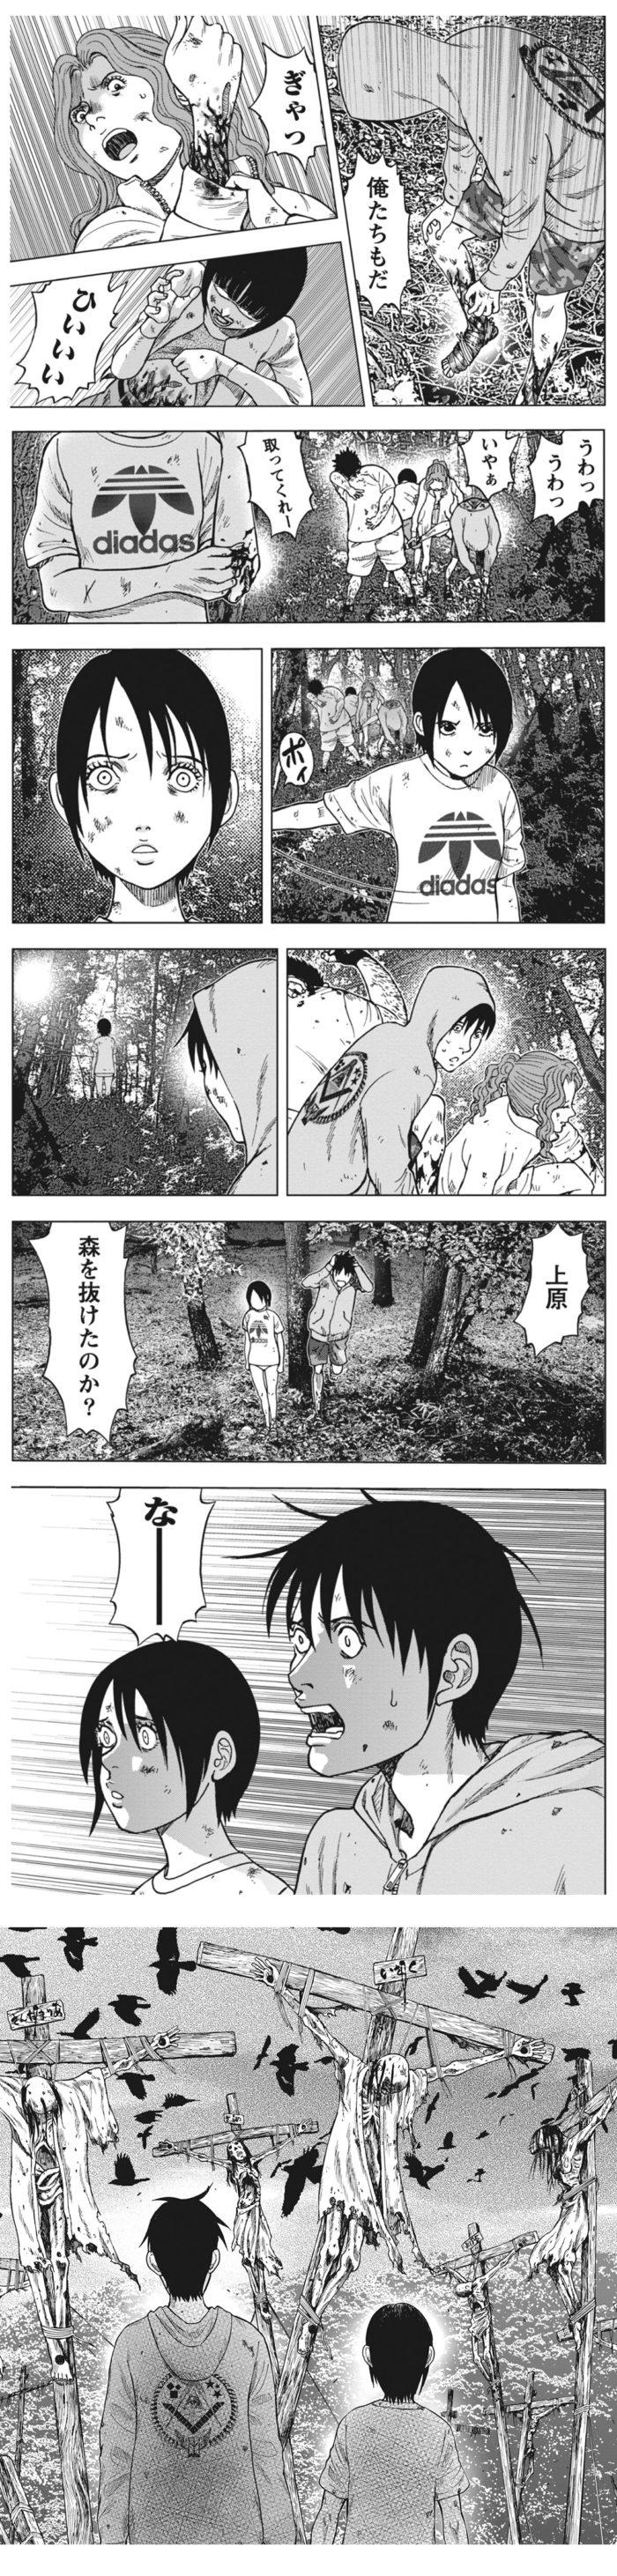 kichikujima03a-6